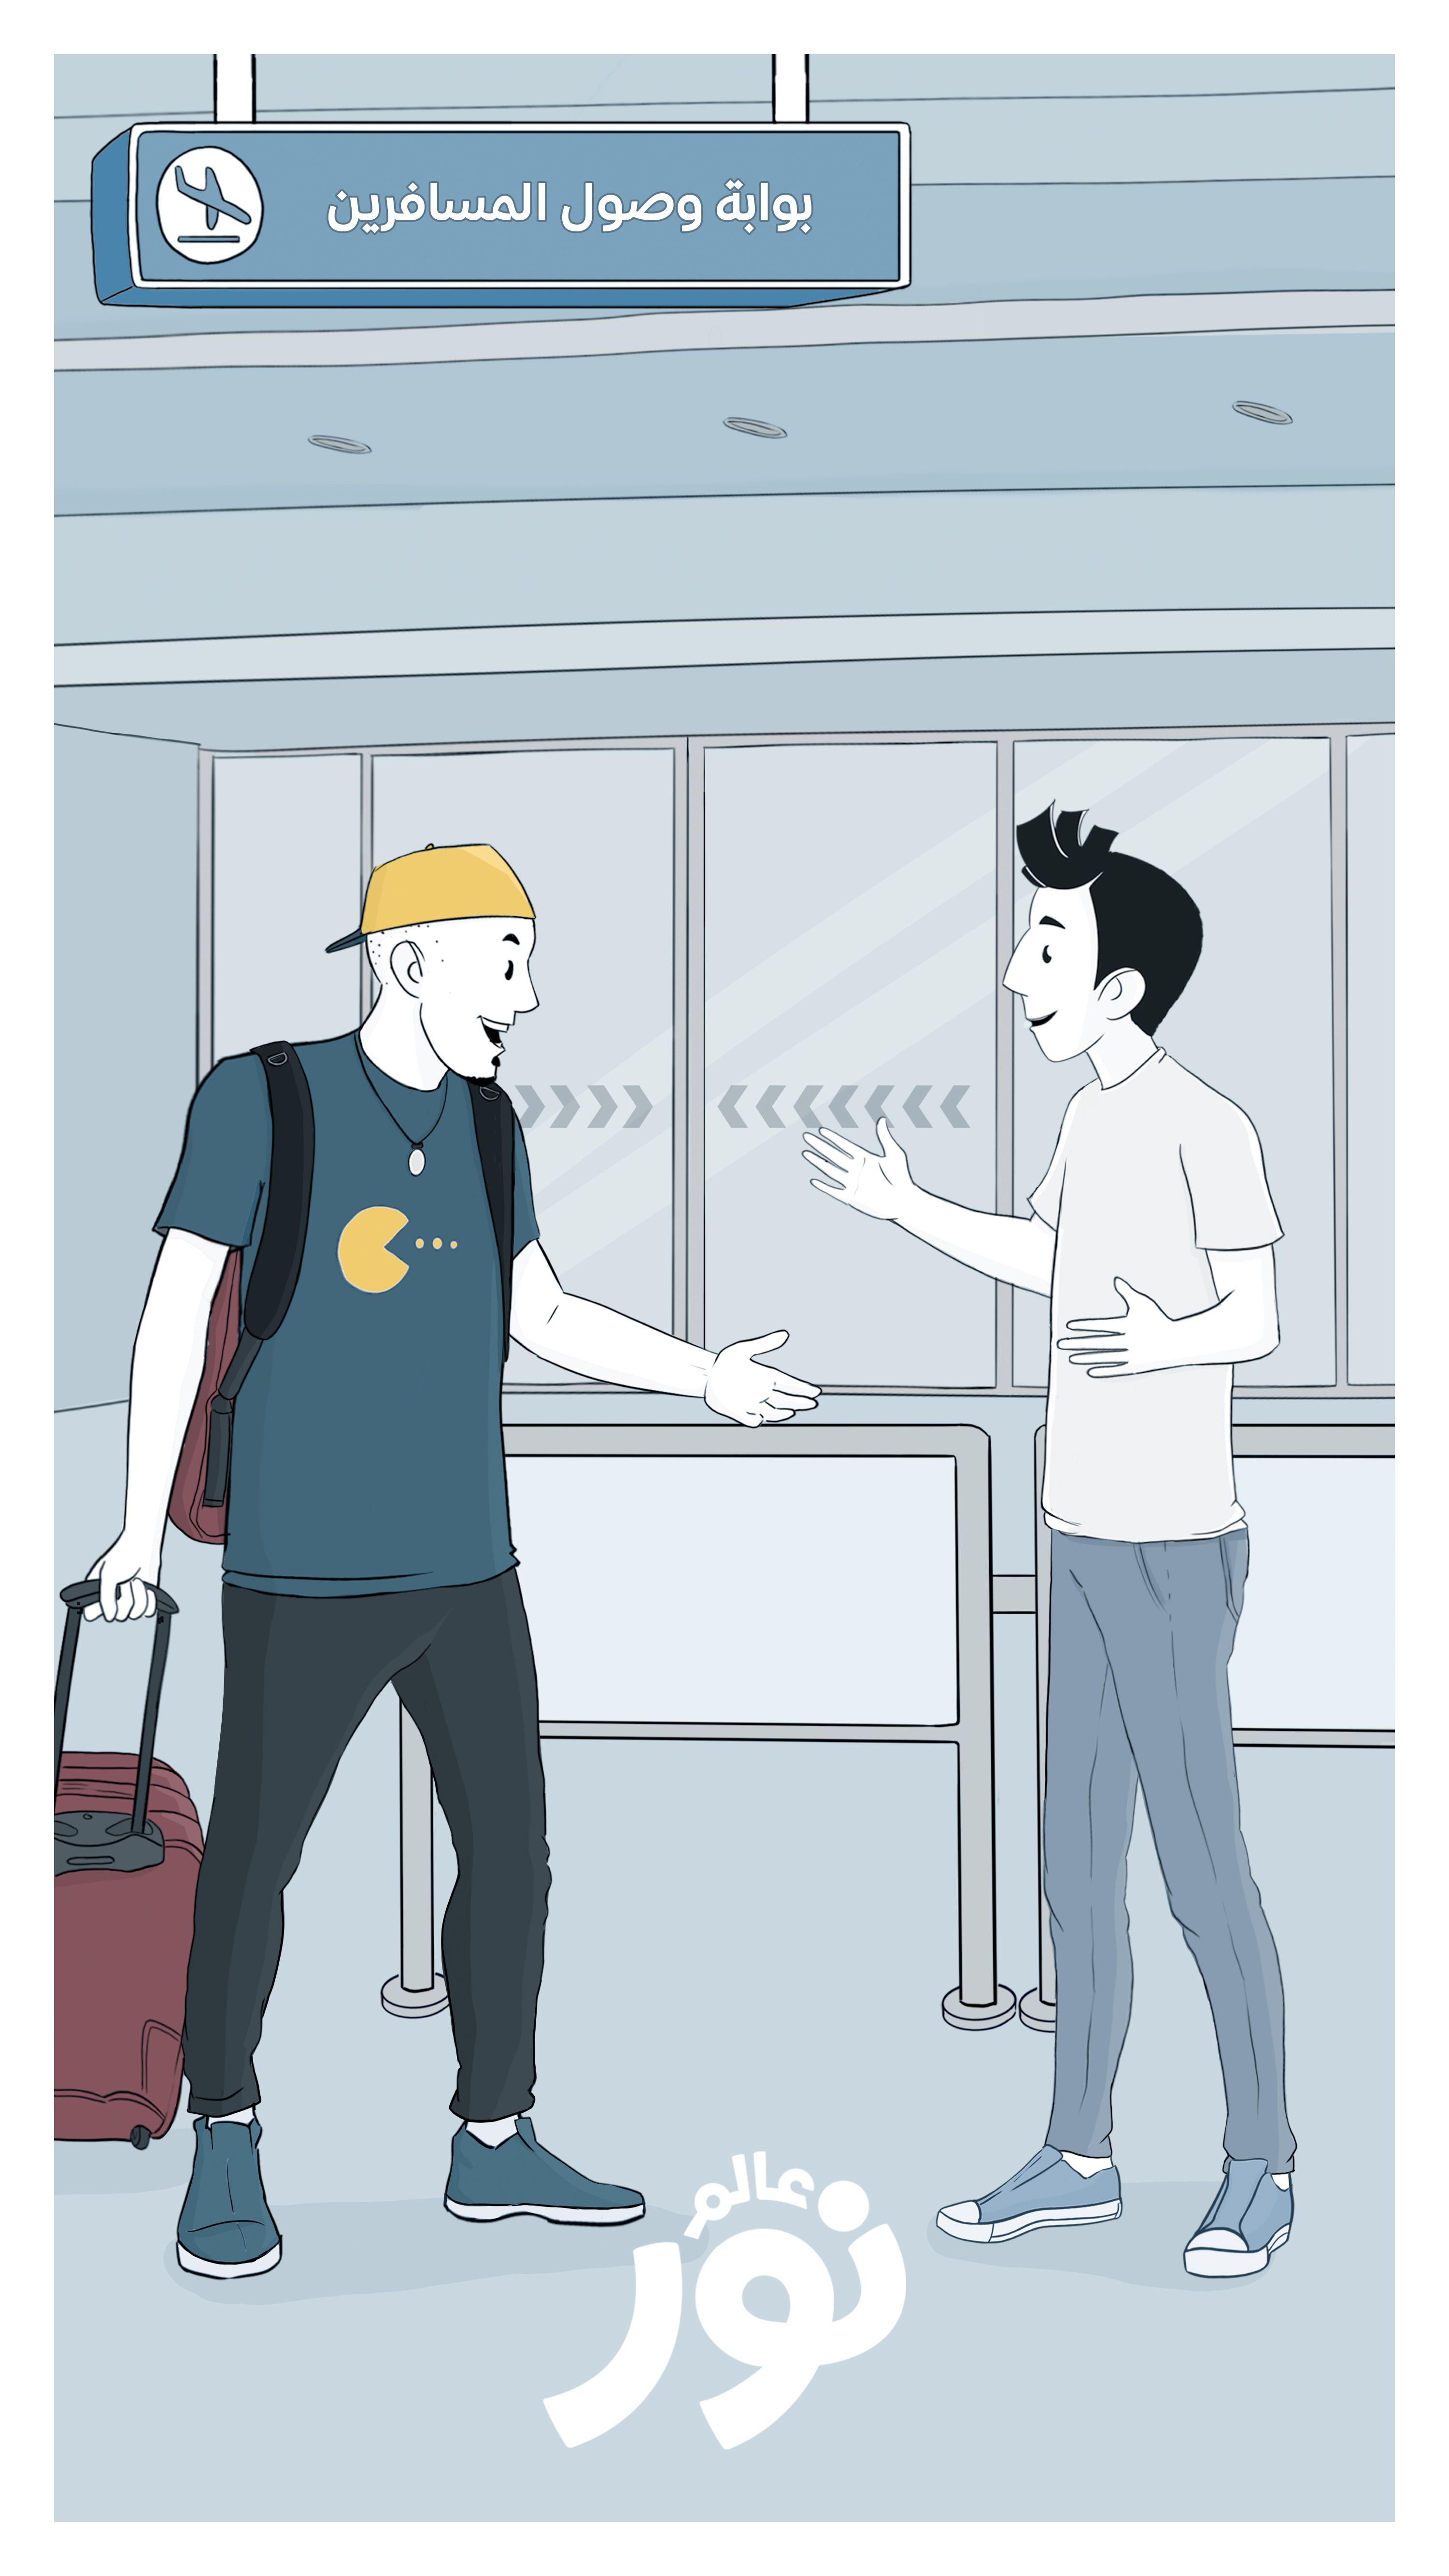 لما خميس يوصل الجمعة اصطحبت ابن عمتي خميس من المطار الذي اتى ليمضي معنا بعض الاوقات في رمضان Family Guy Fictional Characters Character